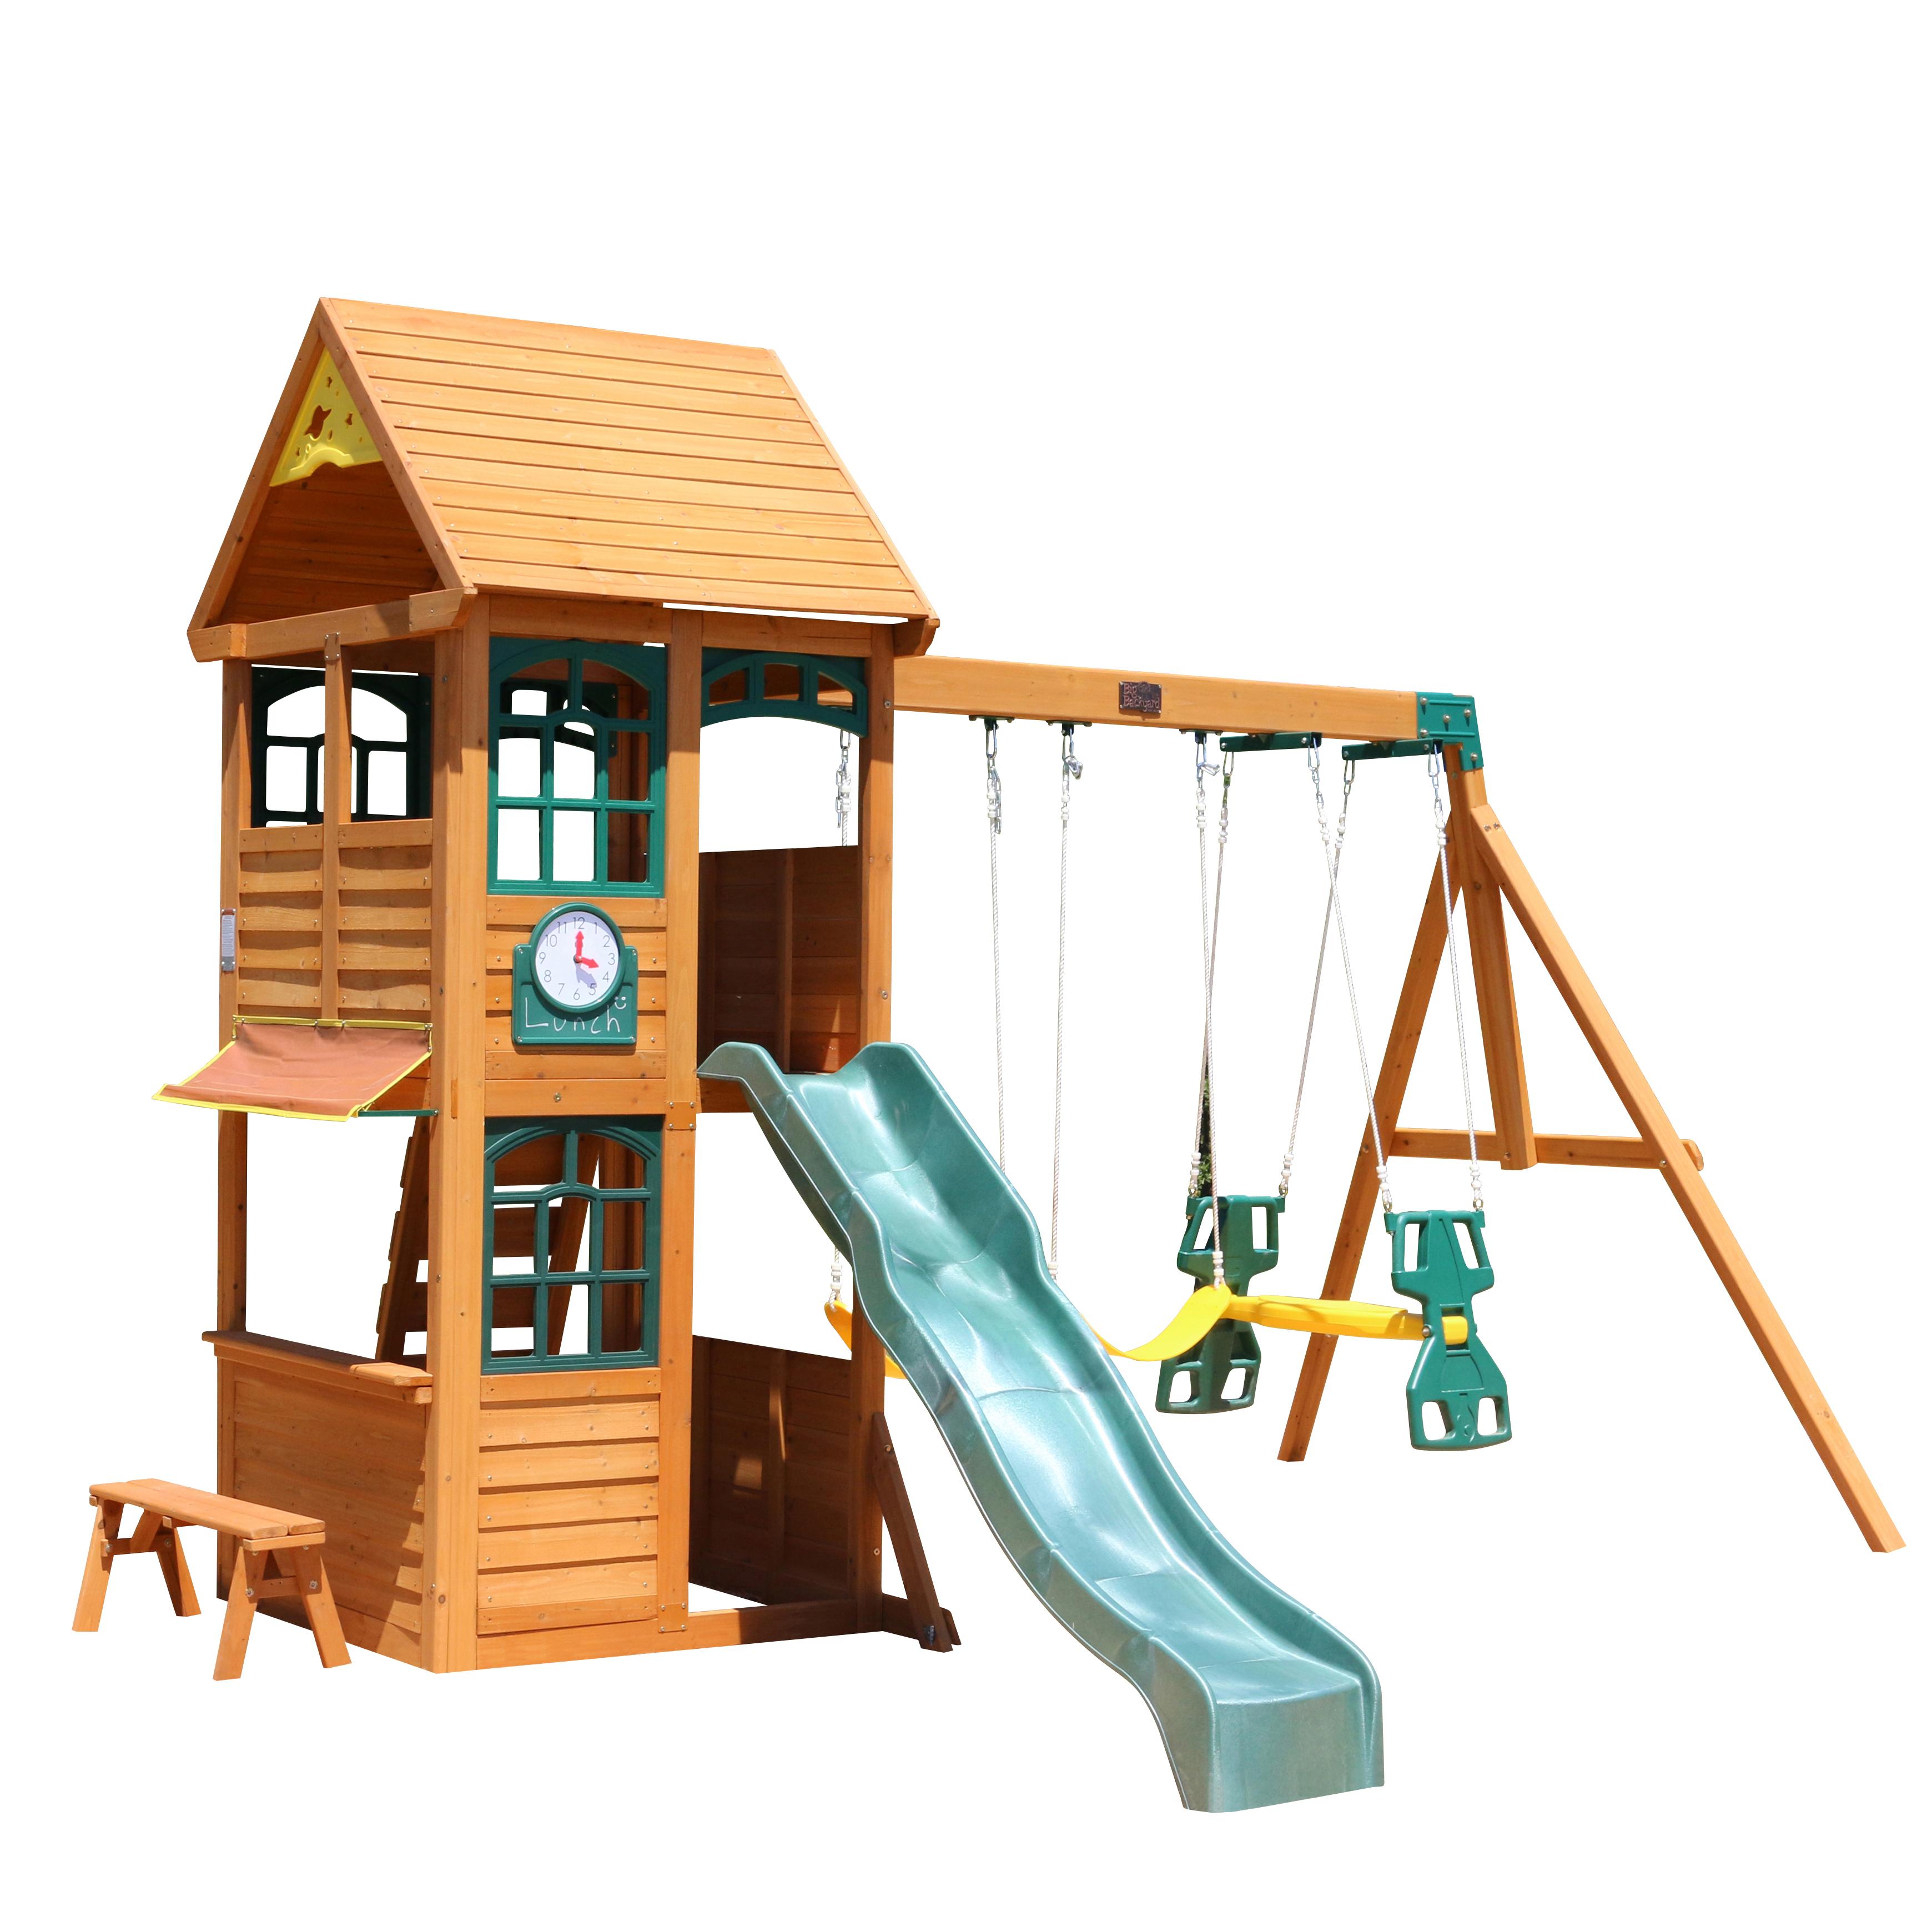 רק החוצה מתקני חצר לילדים   משחקי חצר לילדים   mygan NL-24